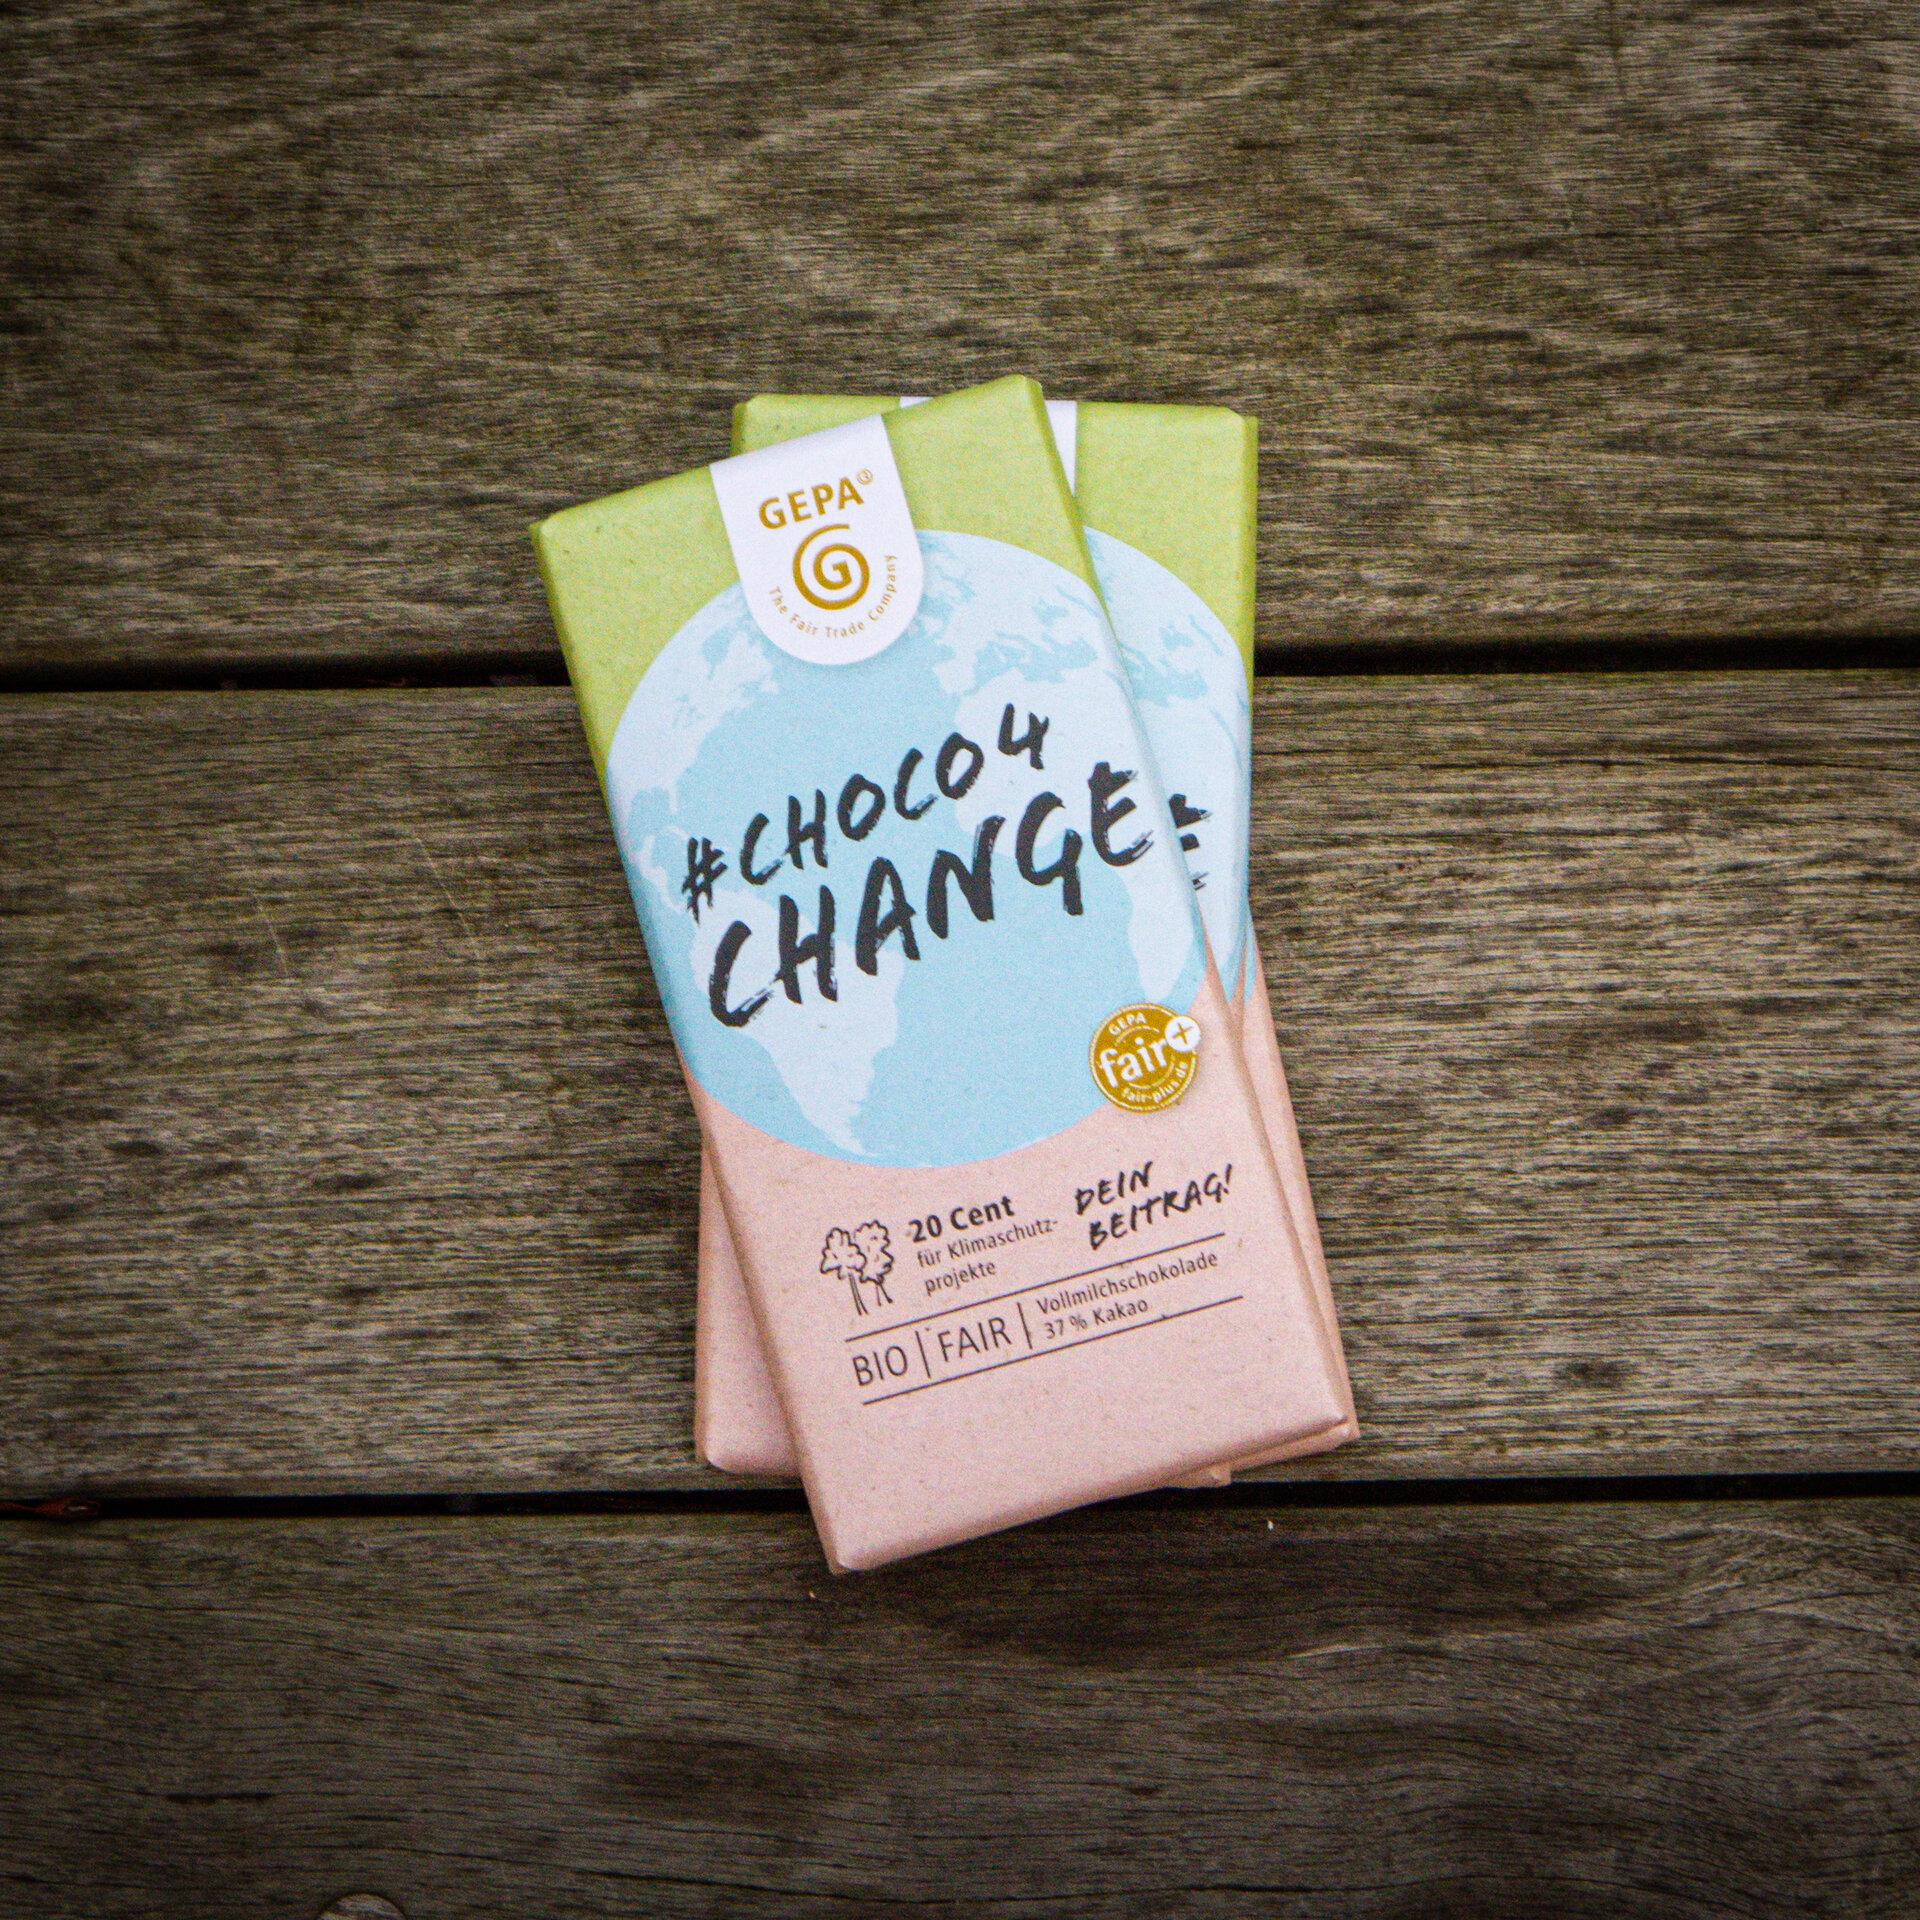 Bild von #Choco4Change